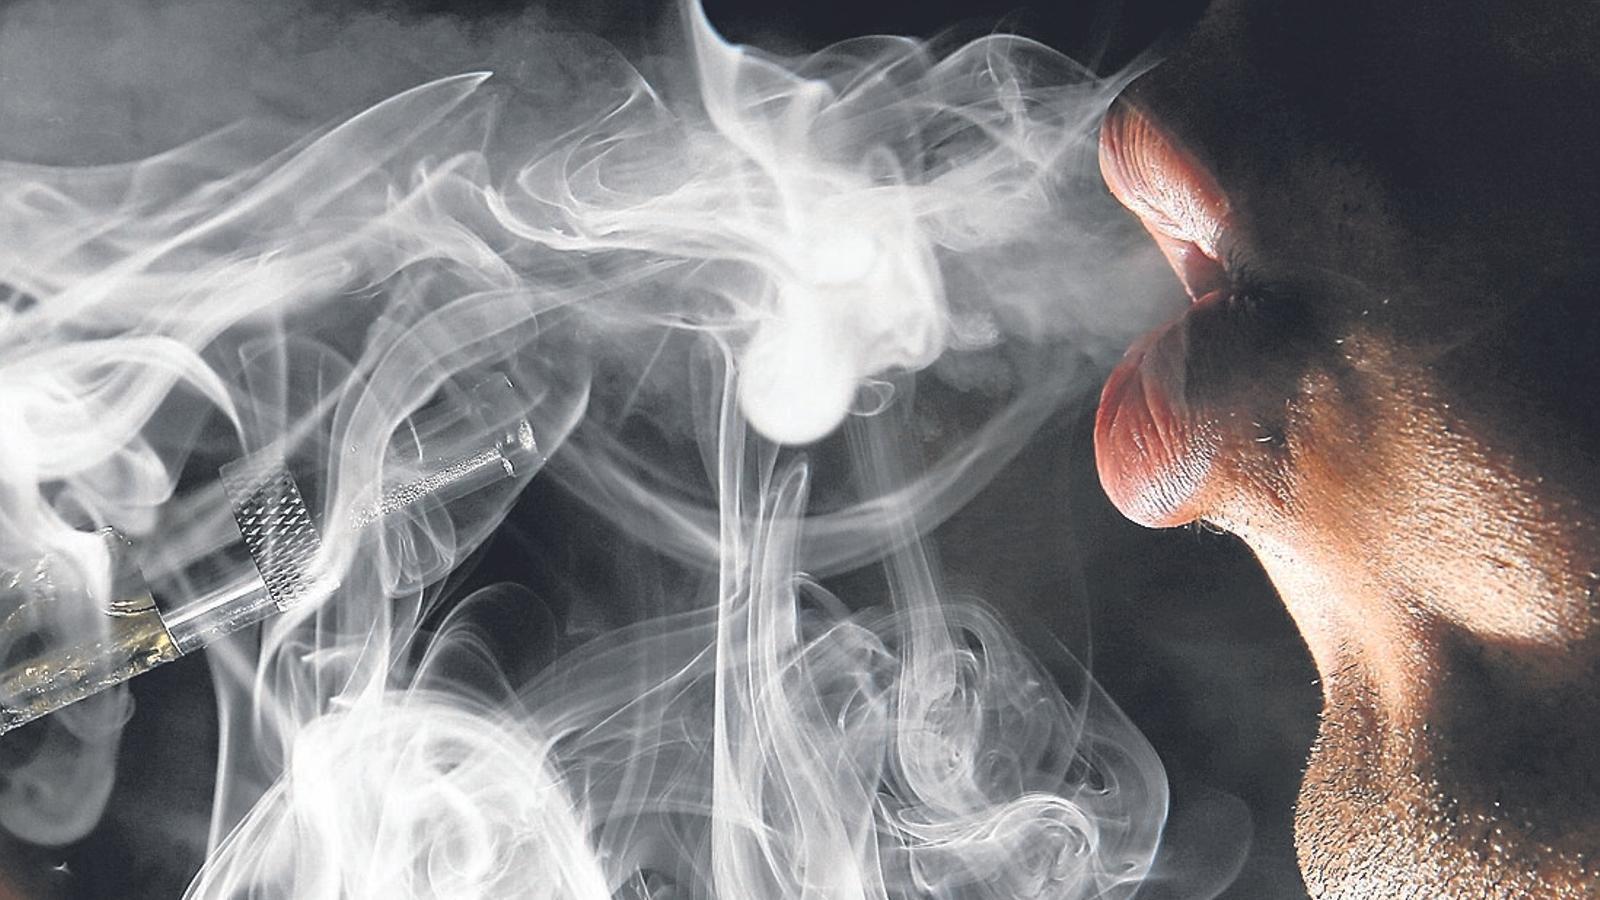 Un home, expirant vapor